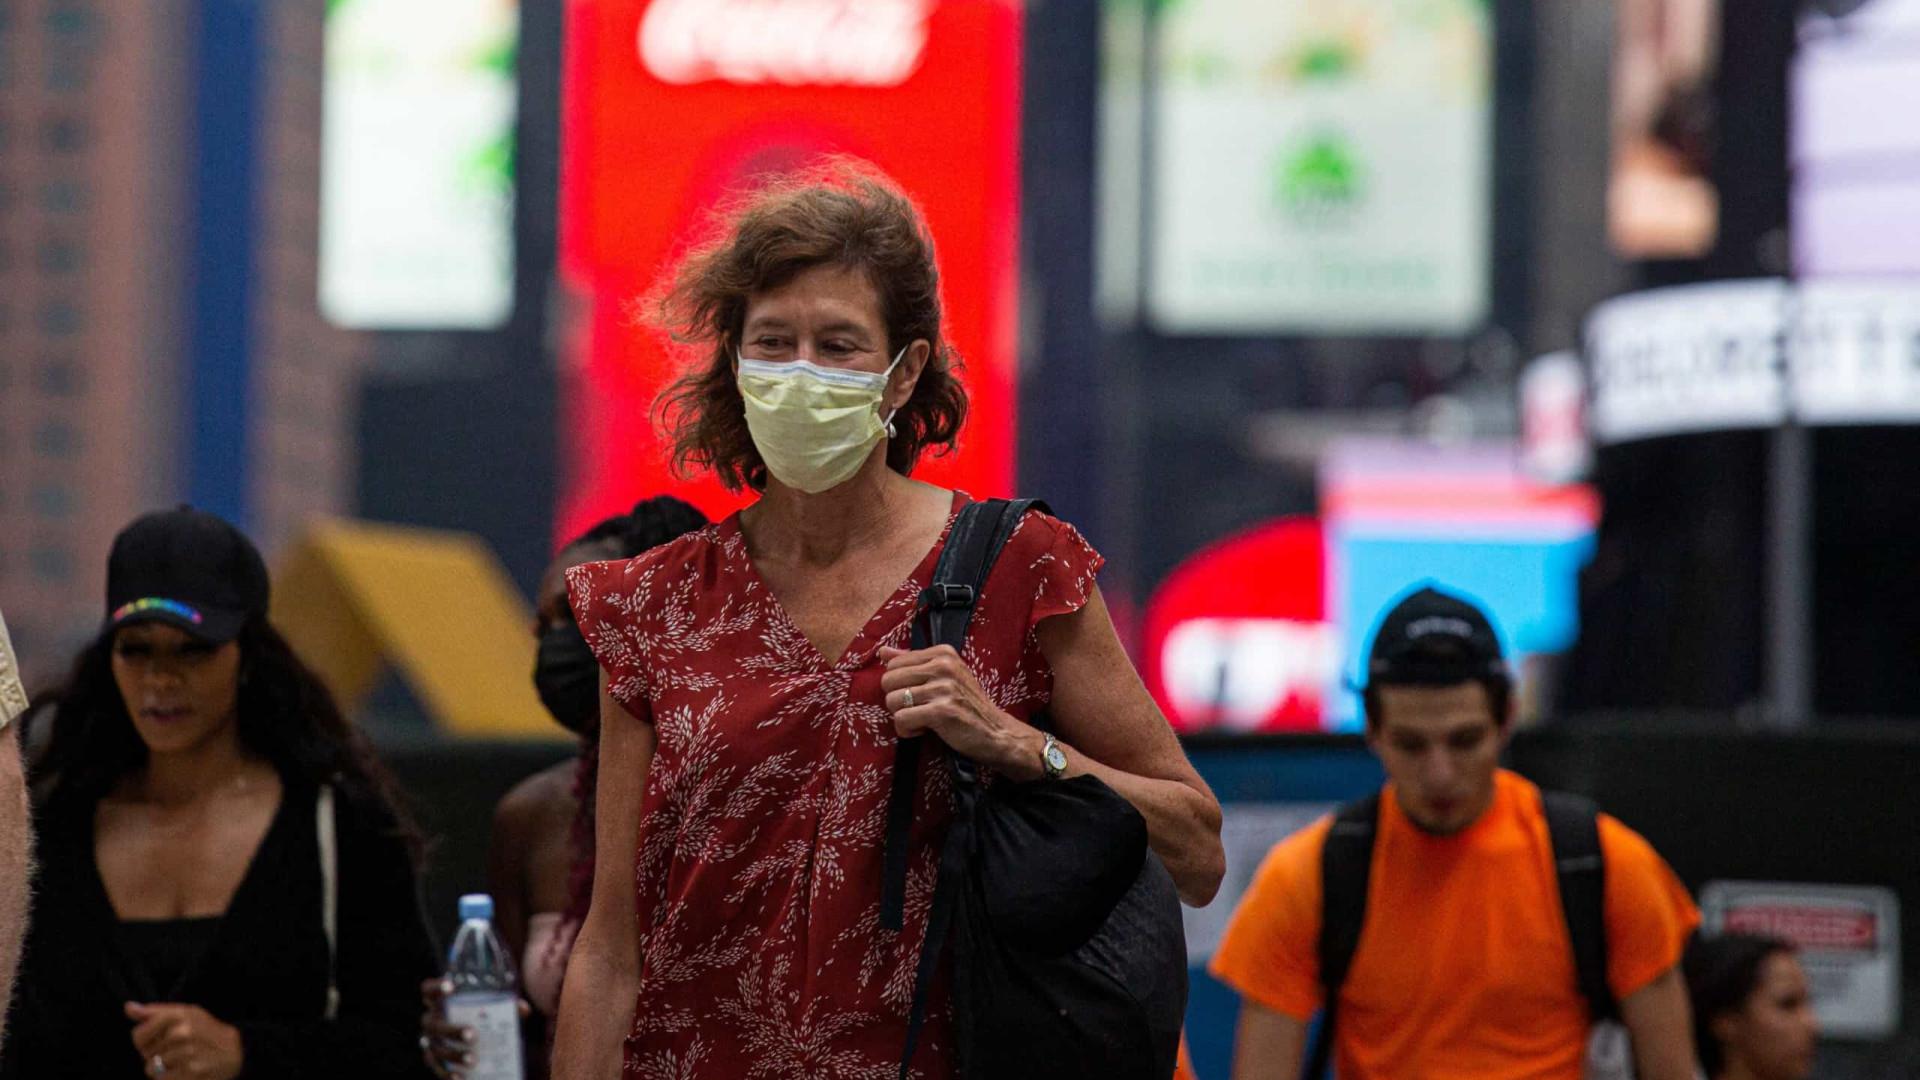 Variante Delta é tão contagiosa quanto a varicela, diz relatório do CDC